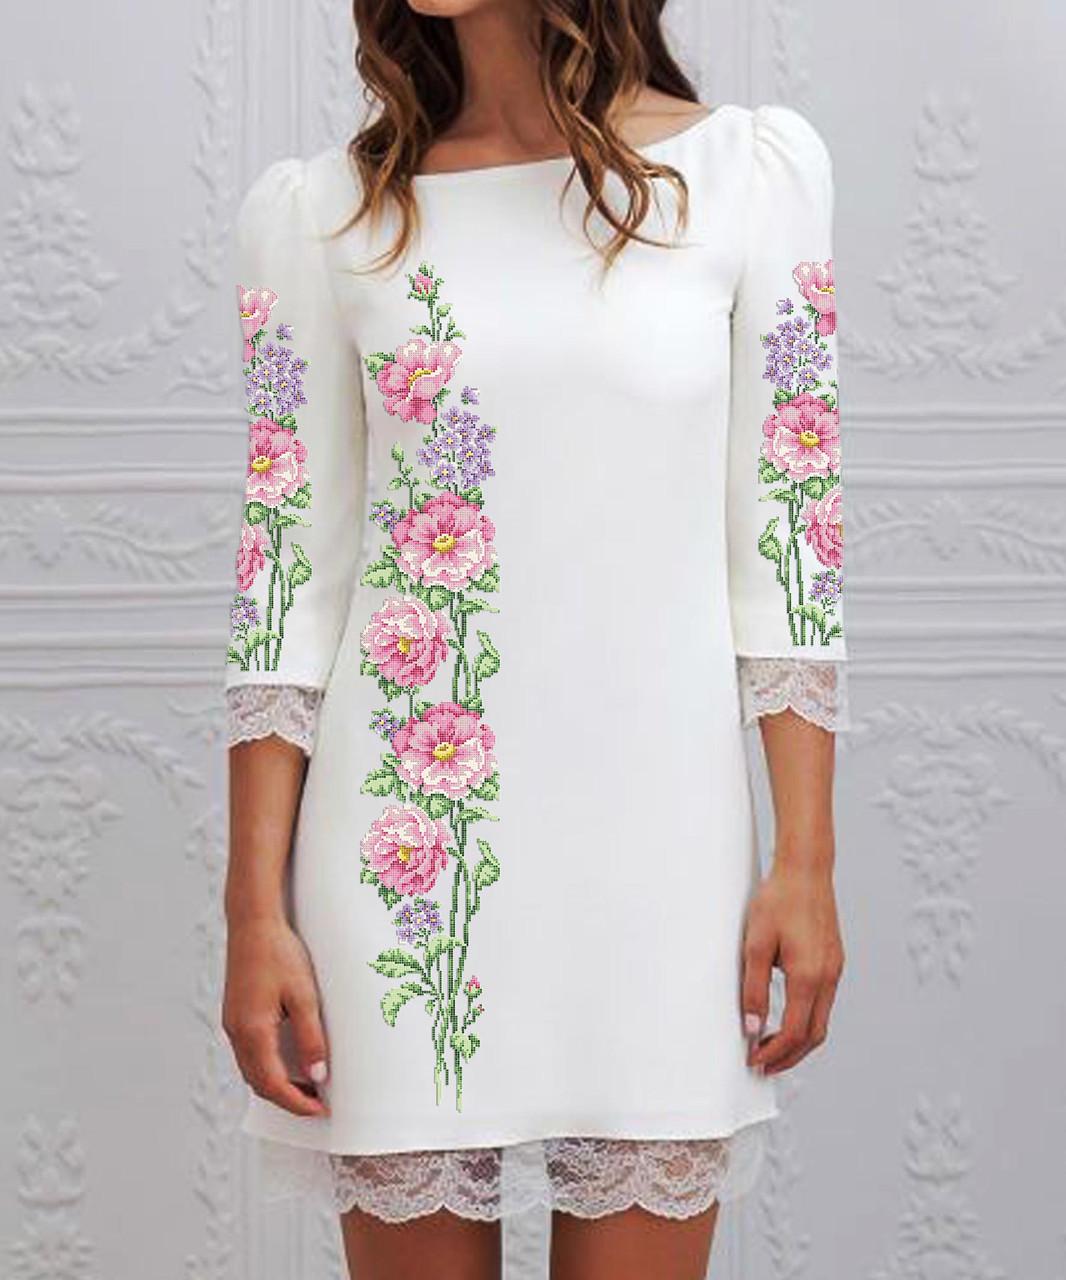 Заготовка женского платья для вышивки / вышивания бисером / ниткой «Рожева півонія»